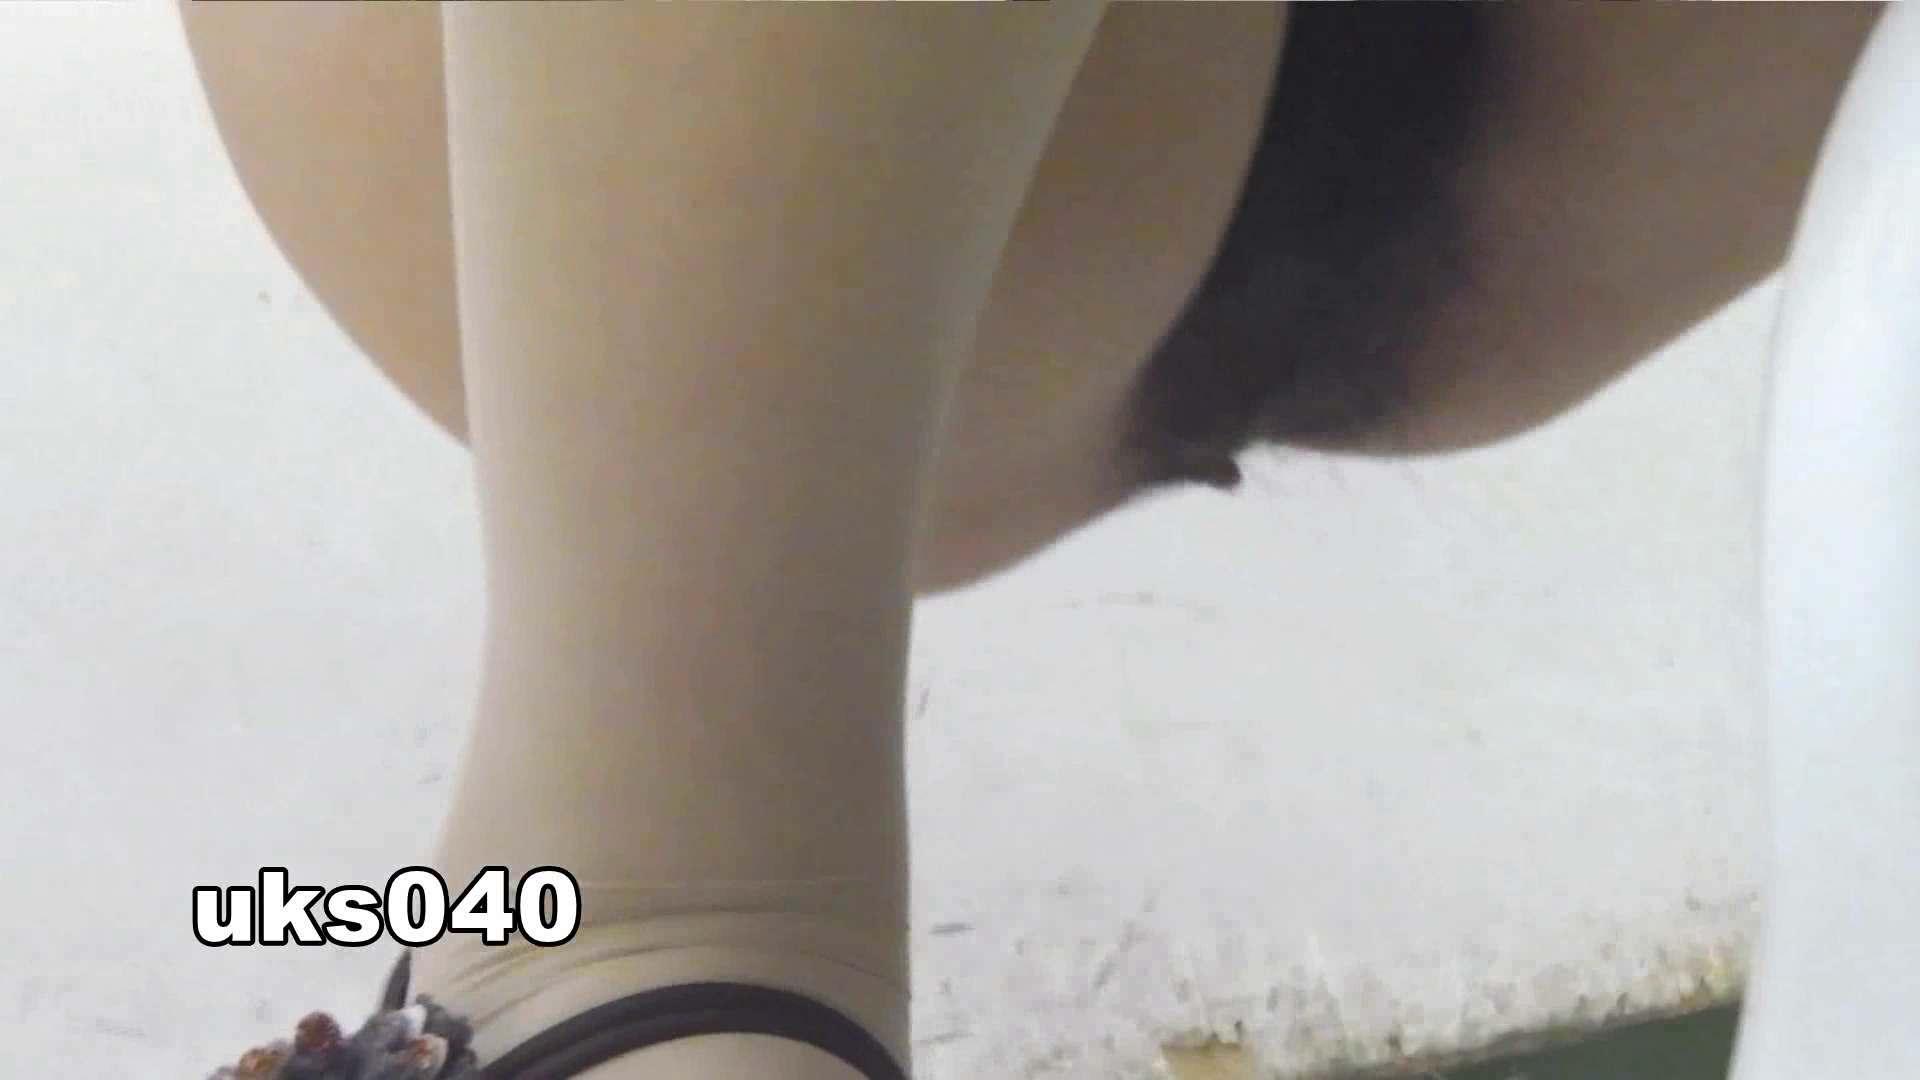 【美しき個室な世界】 vol.040 出て行かれる時の清楚姿撮り 高評価   高画質  112枚 19